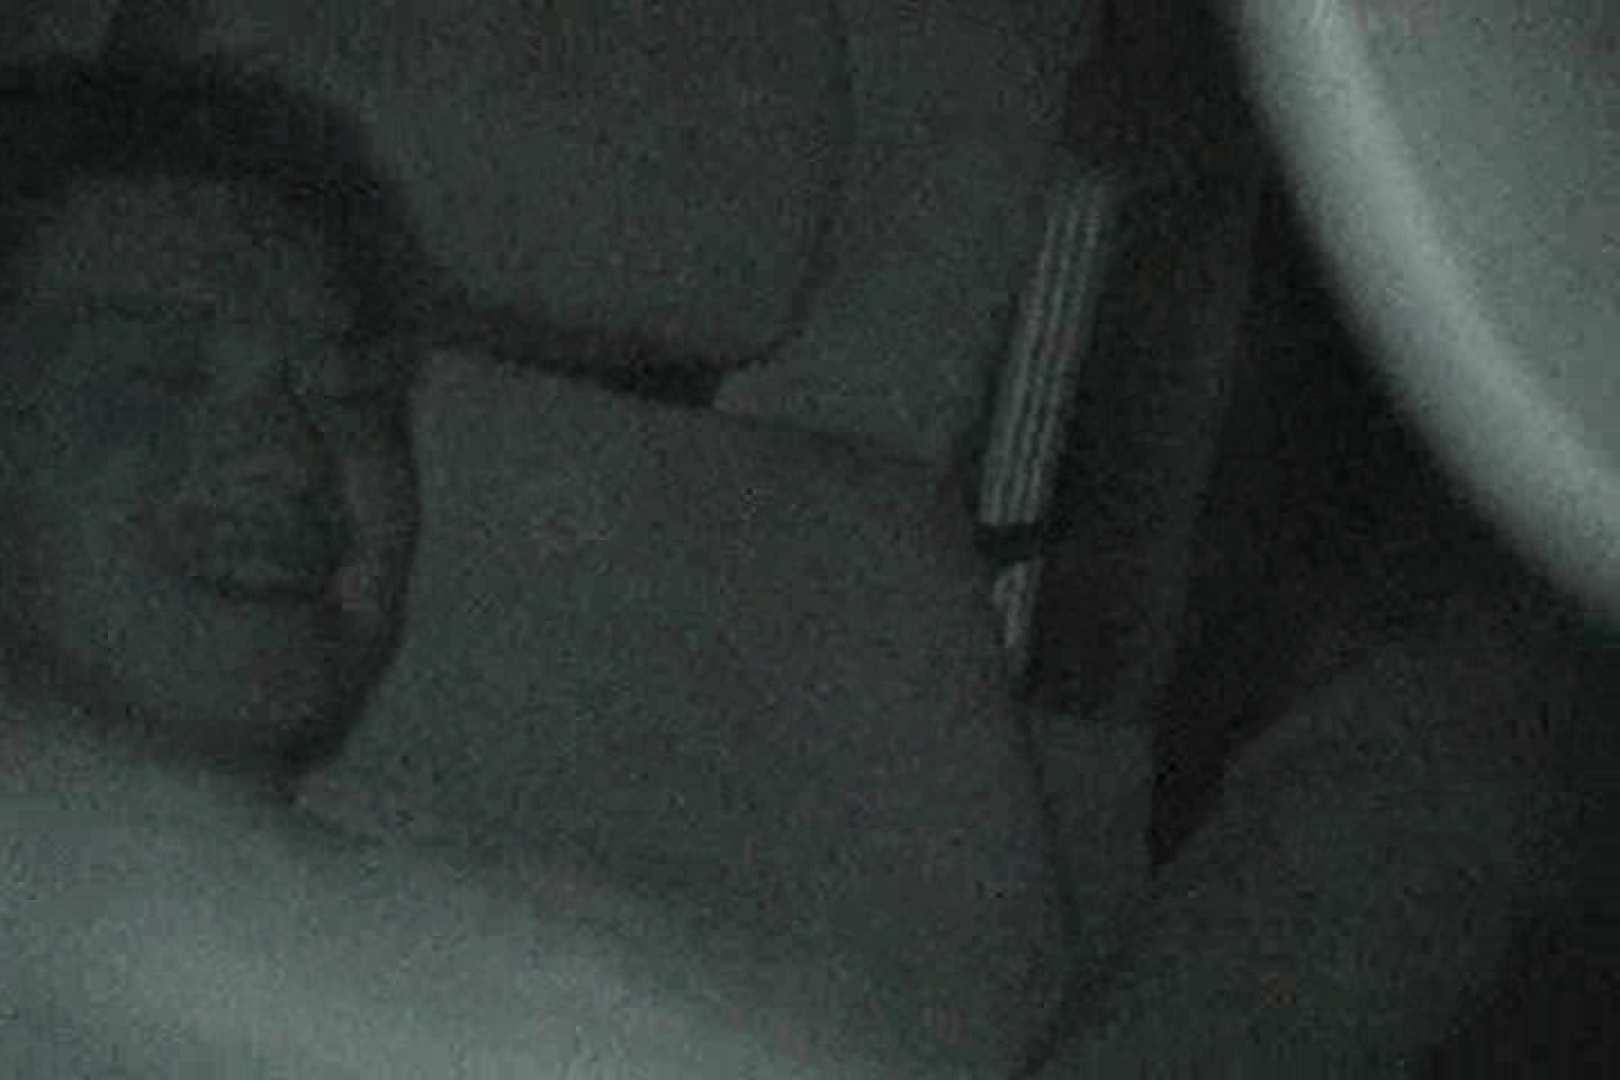 充血監督の深夜の運動会Vol.2 美しいOLの裸体   車  84pic 17